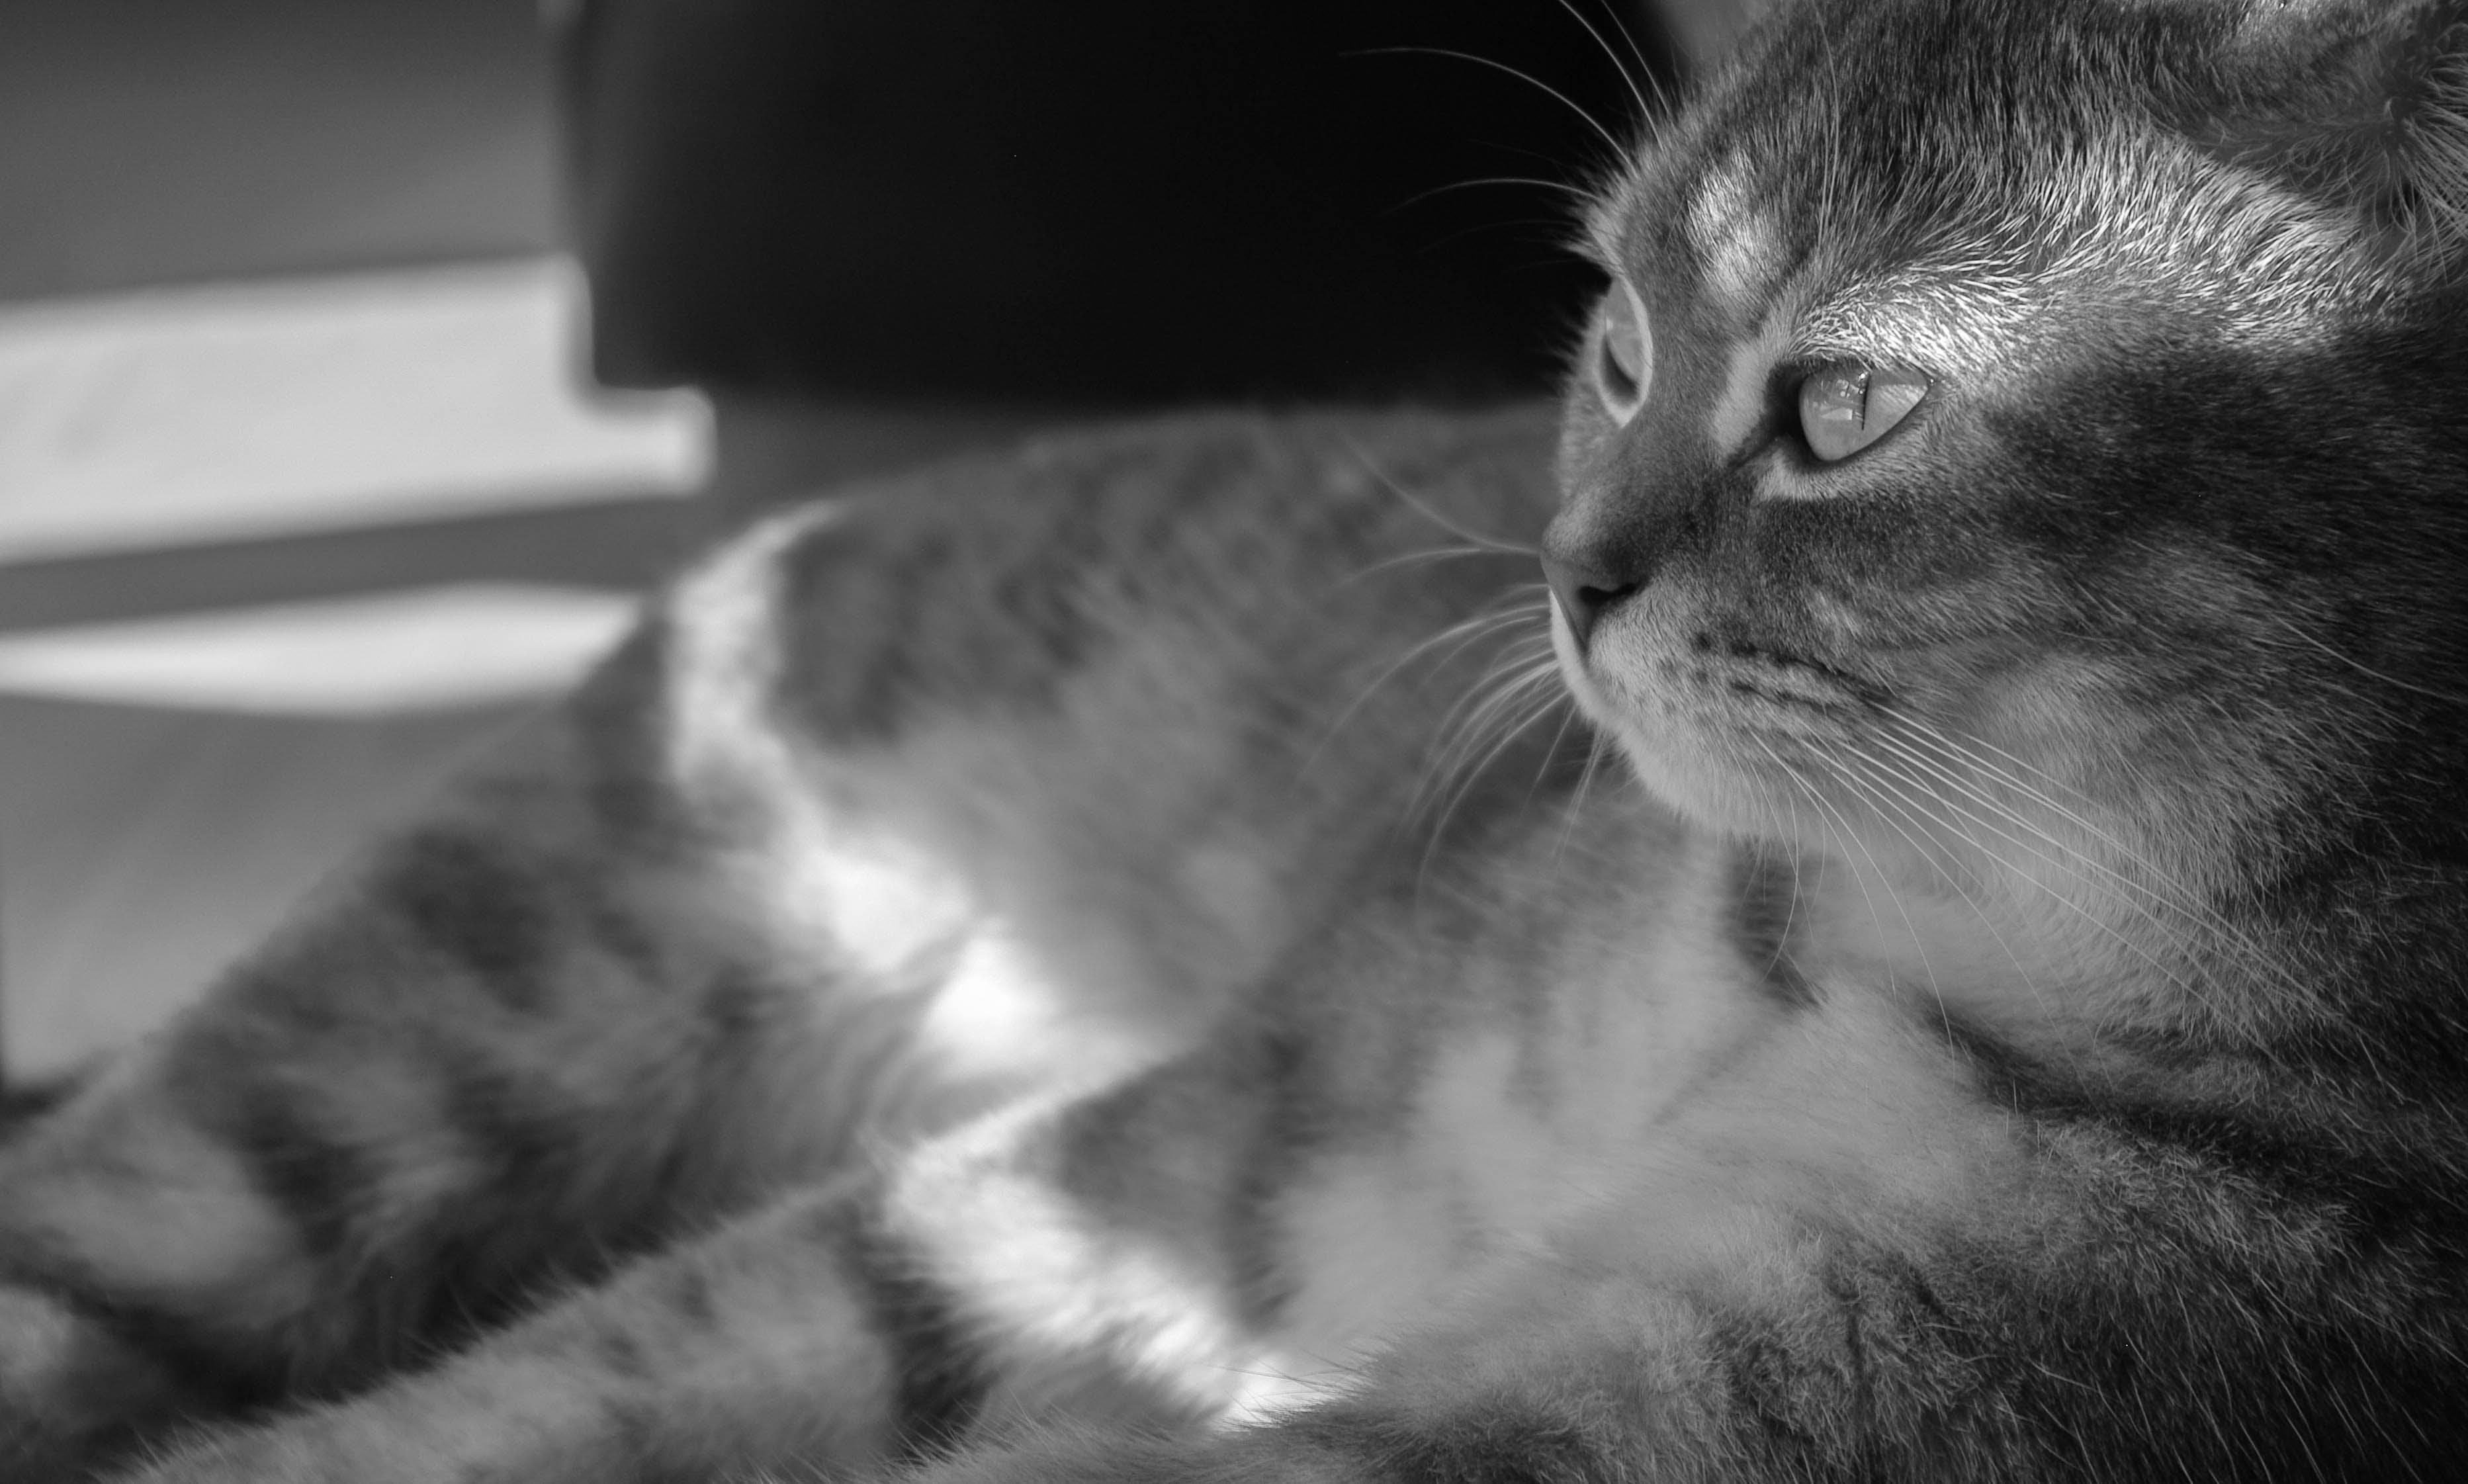 Fotos de stock gratuitas de adorable, animal, atigrado, bigotes